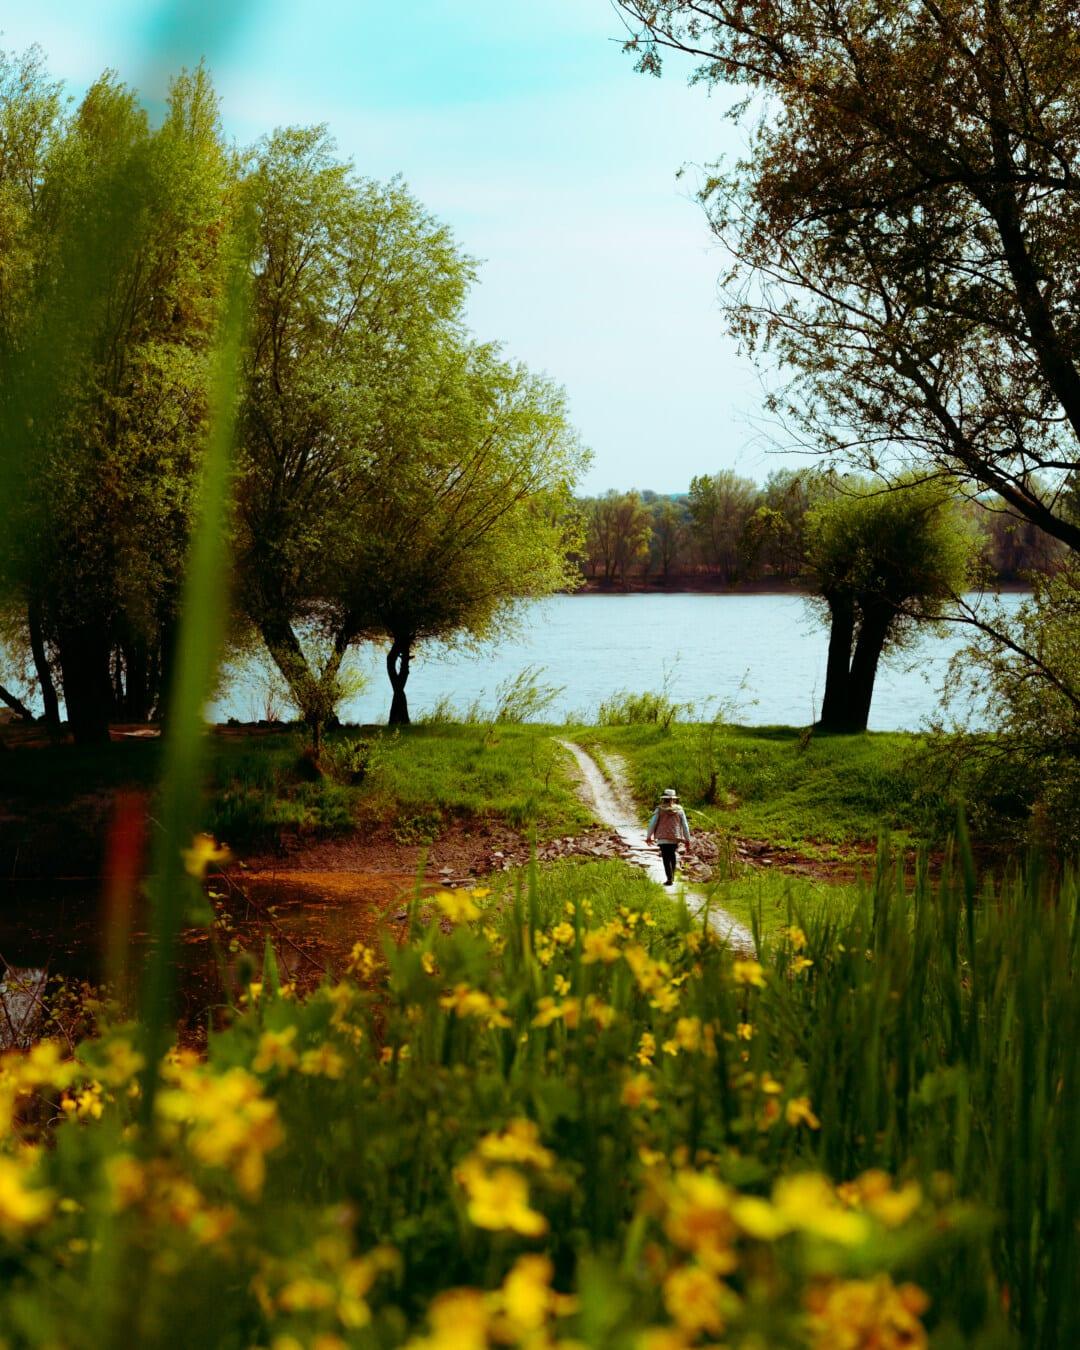 путь, ходьба, лица, дерево, пейзаж, завод, озеро, природа, рассвет, лист